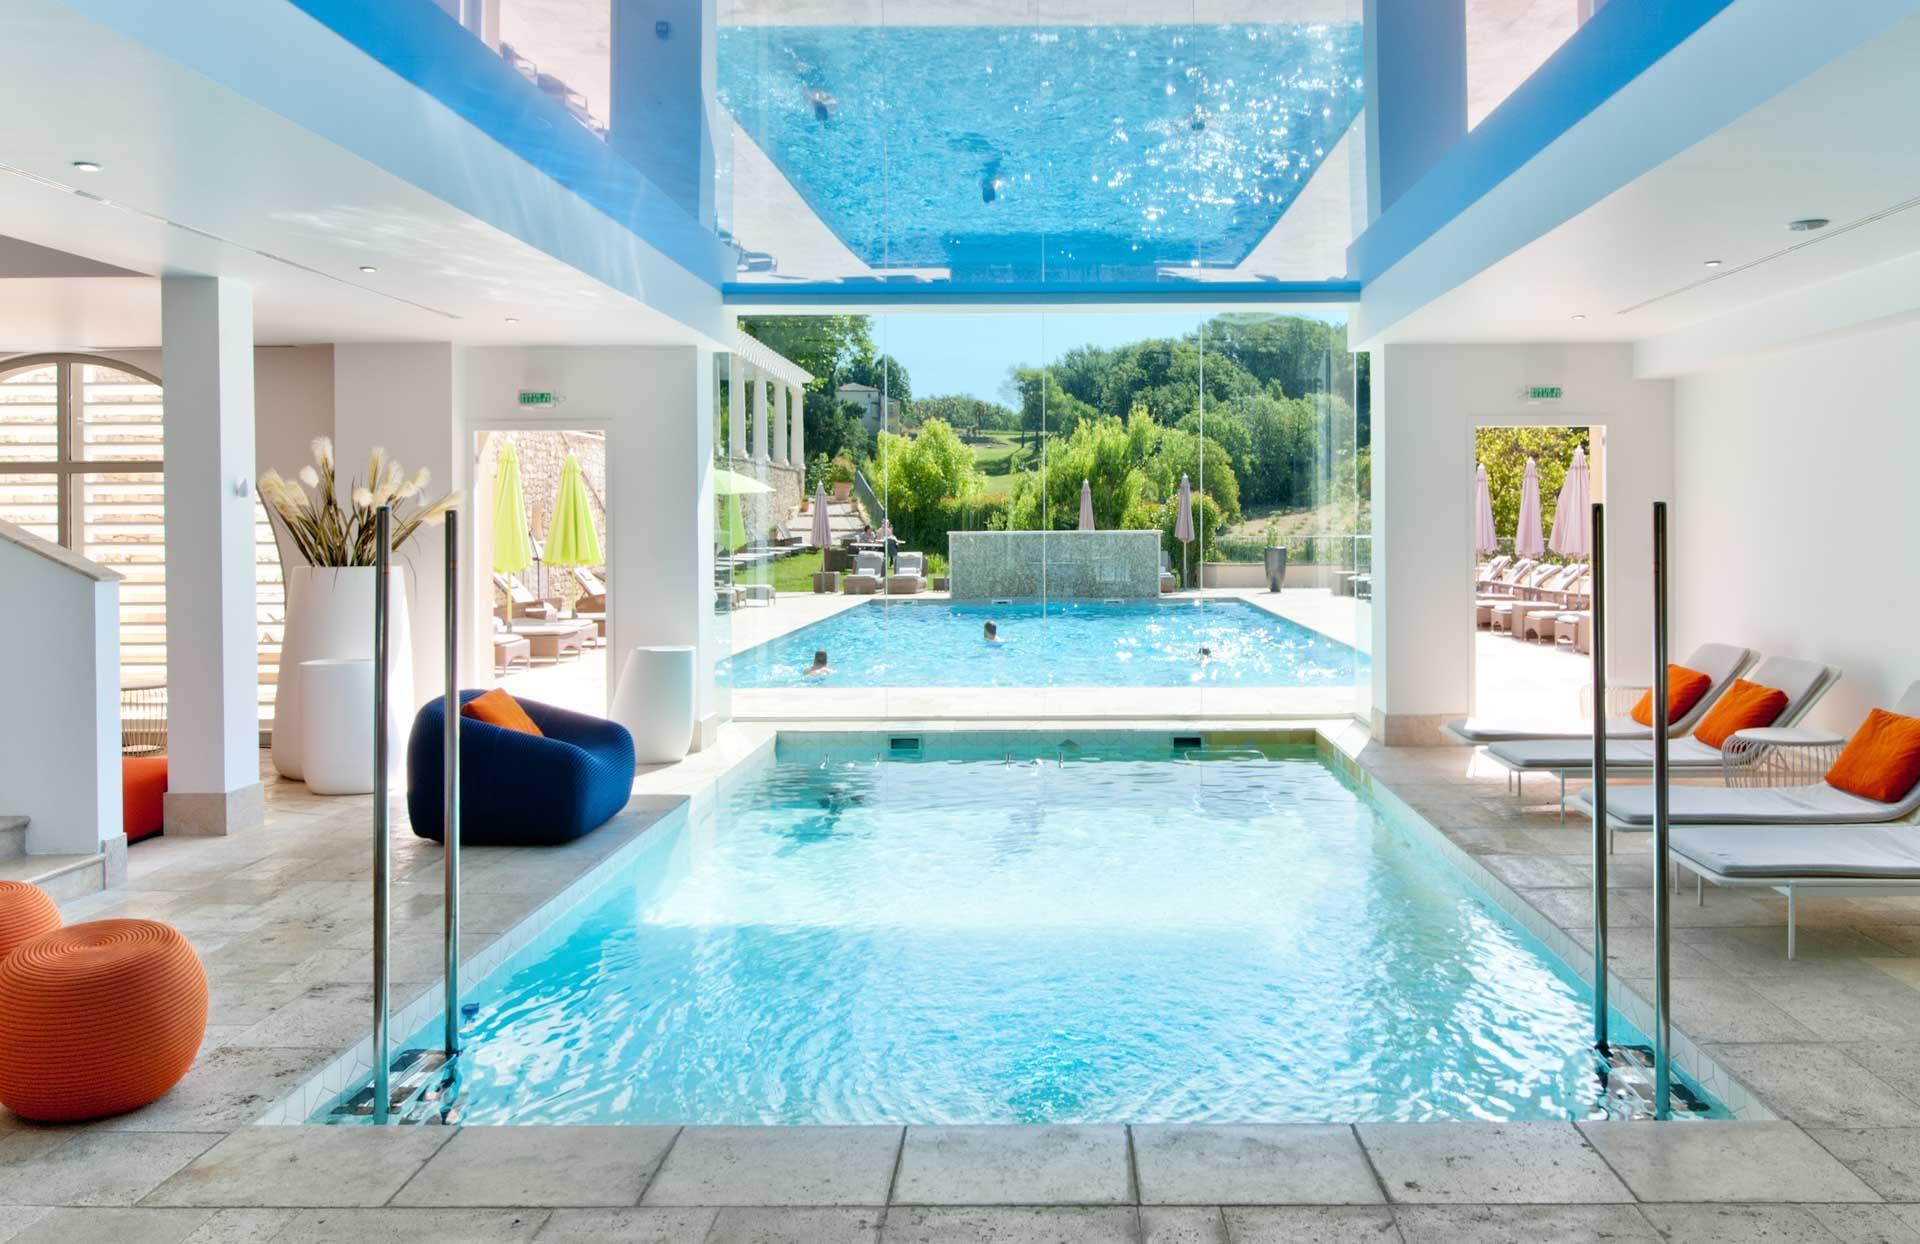 Au Couvent des Minimes, piscine intérieure et extérieure se confondent © DR